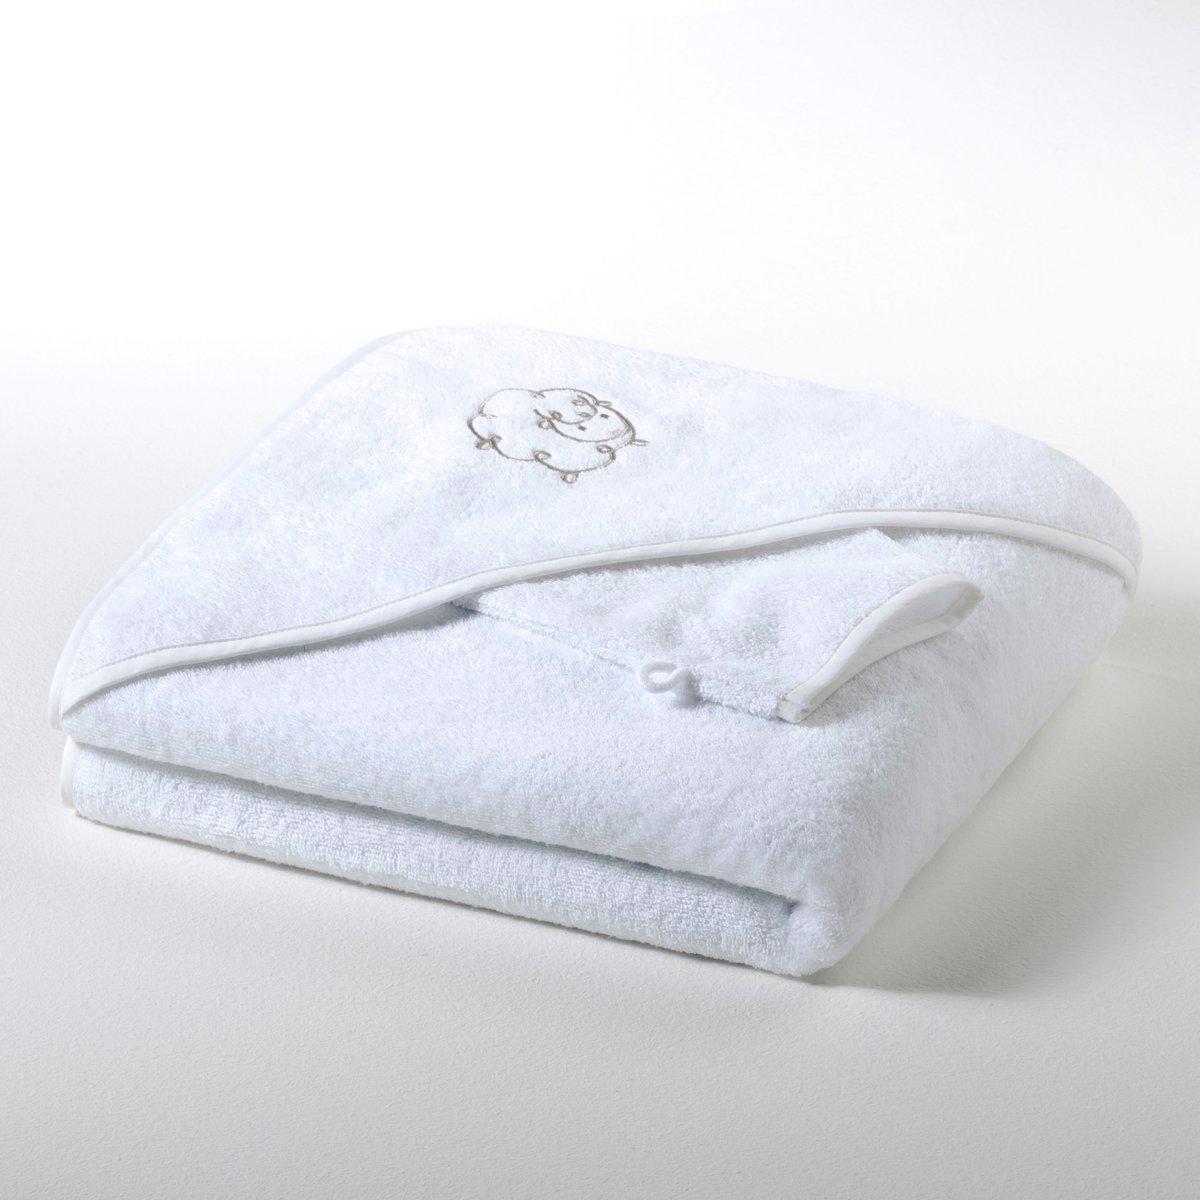 Банное пончо и рукавица из махровой ткани 420 г/м² для девочек и мальчиков, Betsie от La Redoute